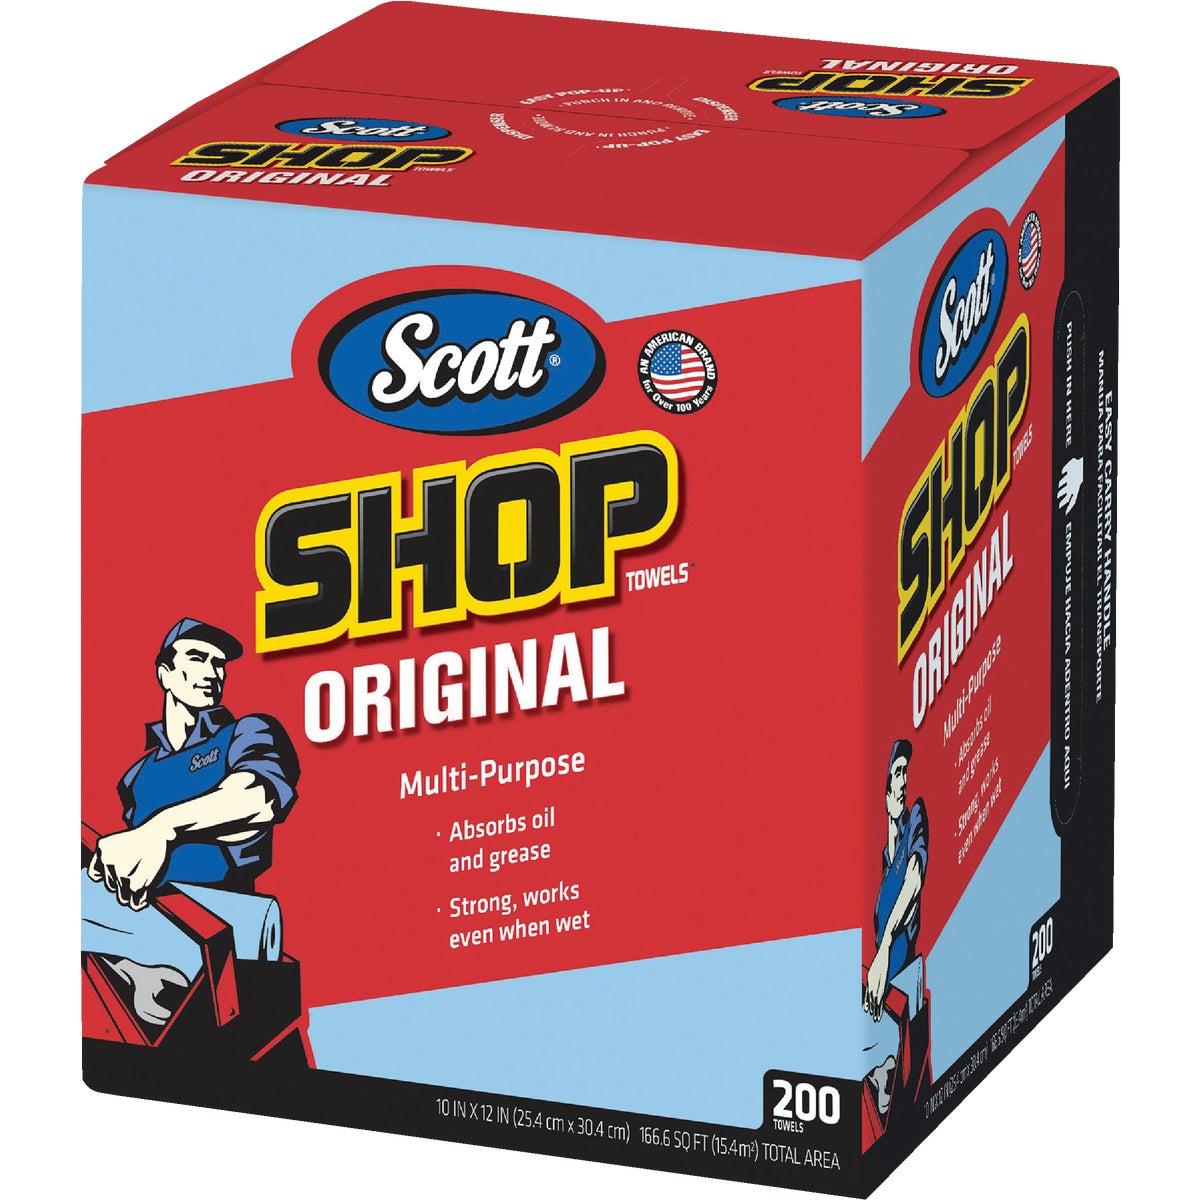 200Ct Box Shop Towel